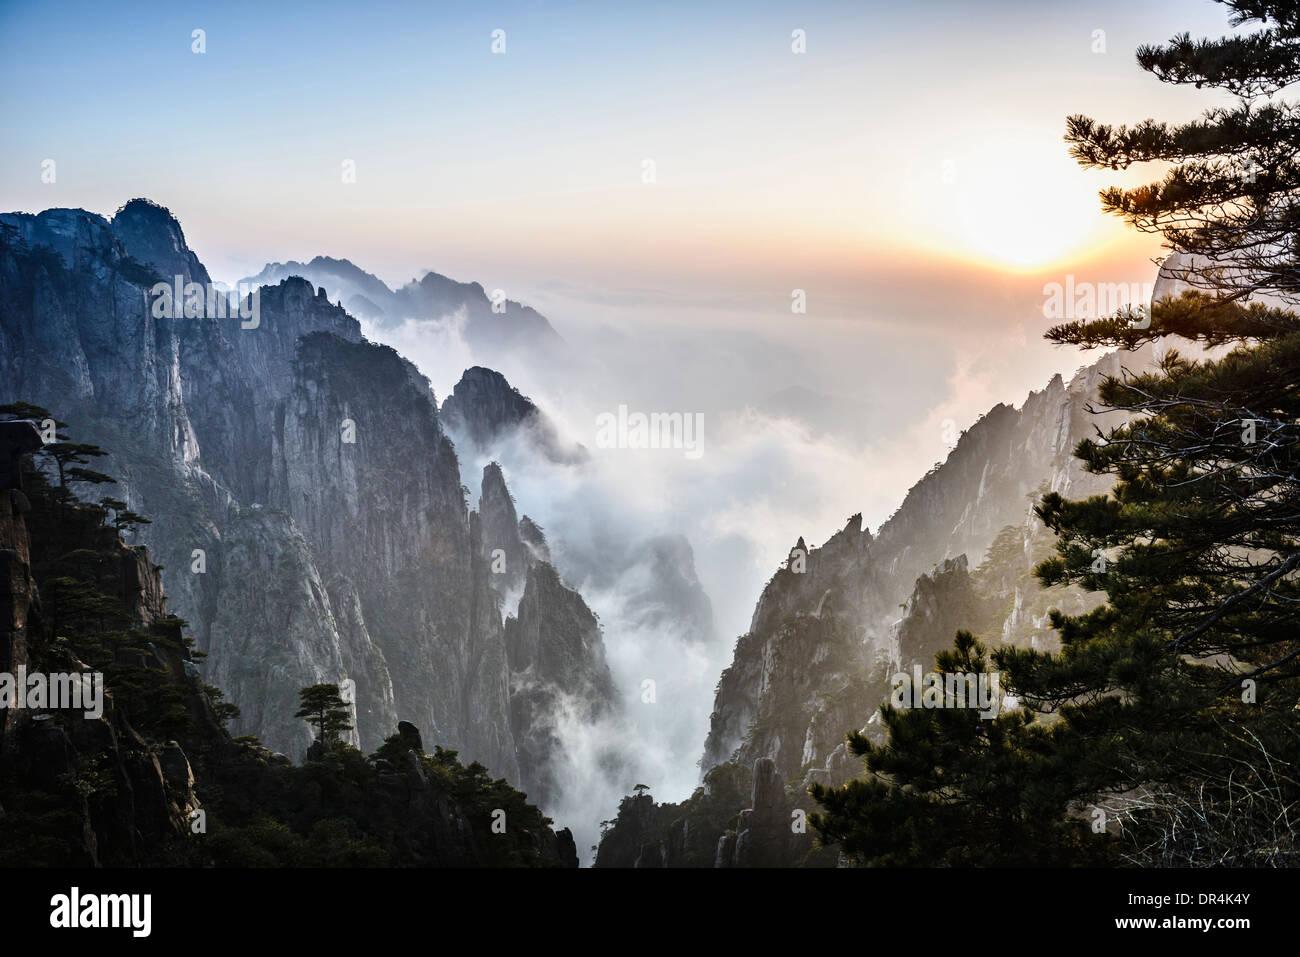 Le brouillard roulant sur les montagnes rocheuses, Huangshan, Anhui, Chine Photo Stock